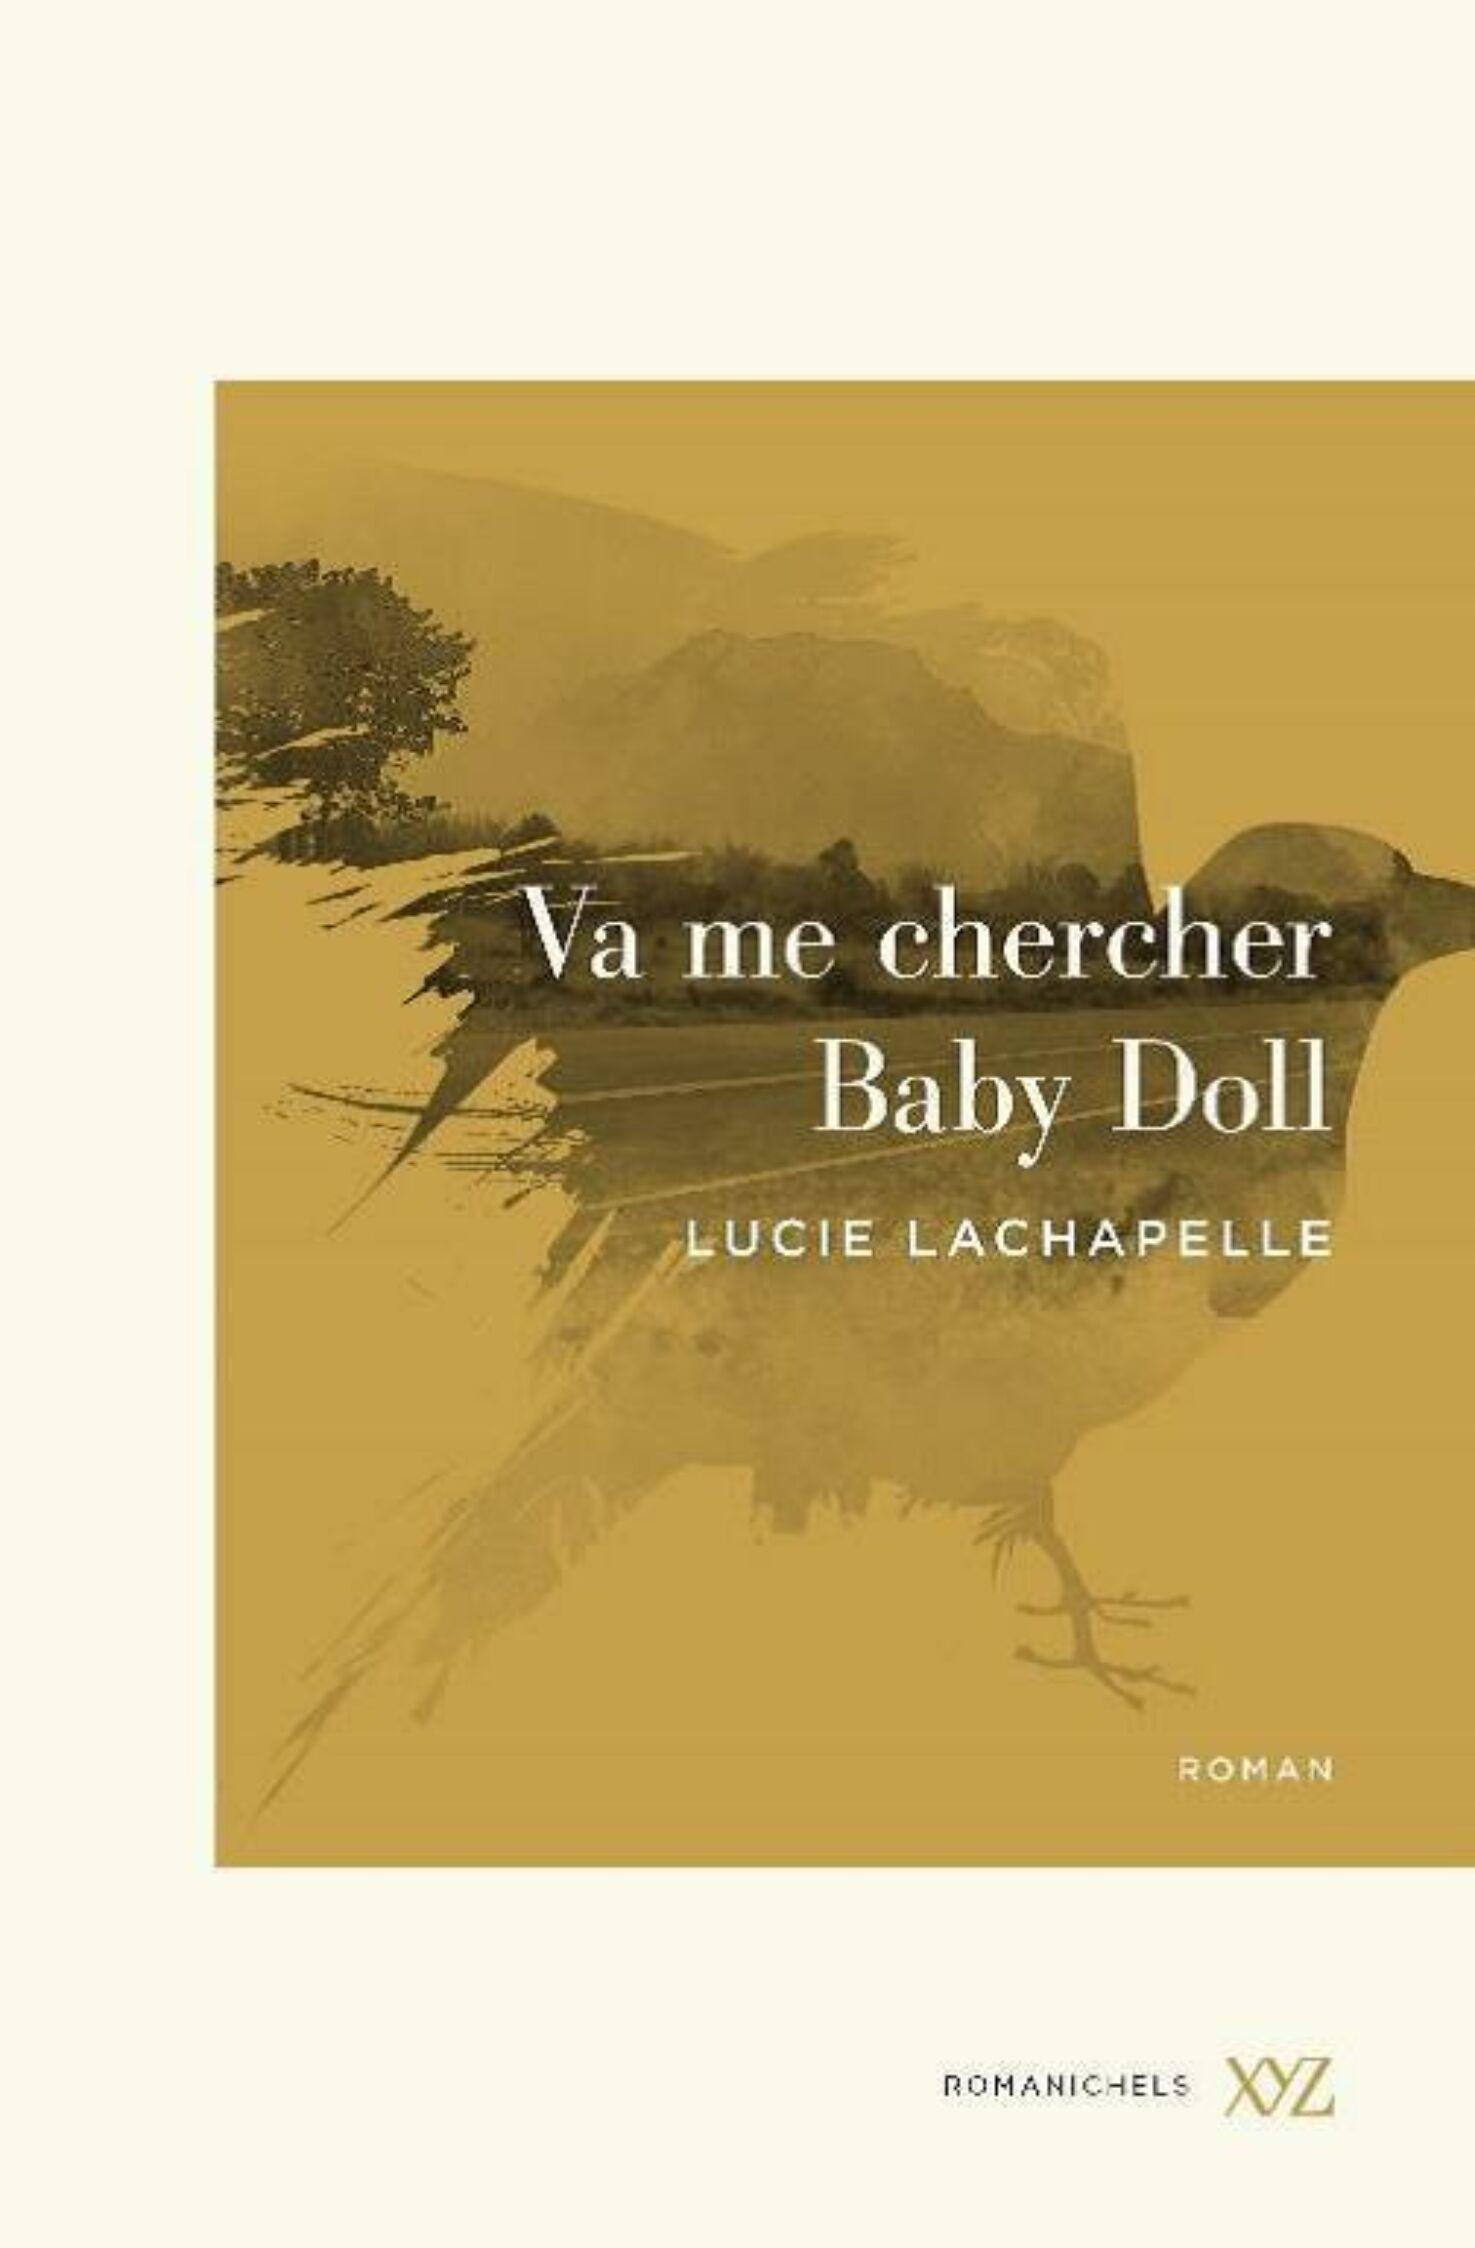 Lucie Lachapelle/Va me chercher Baby Doll